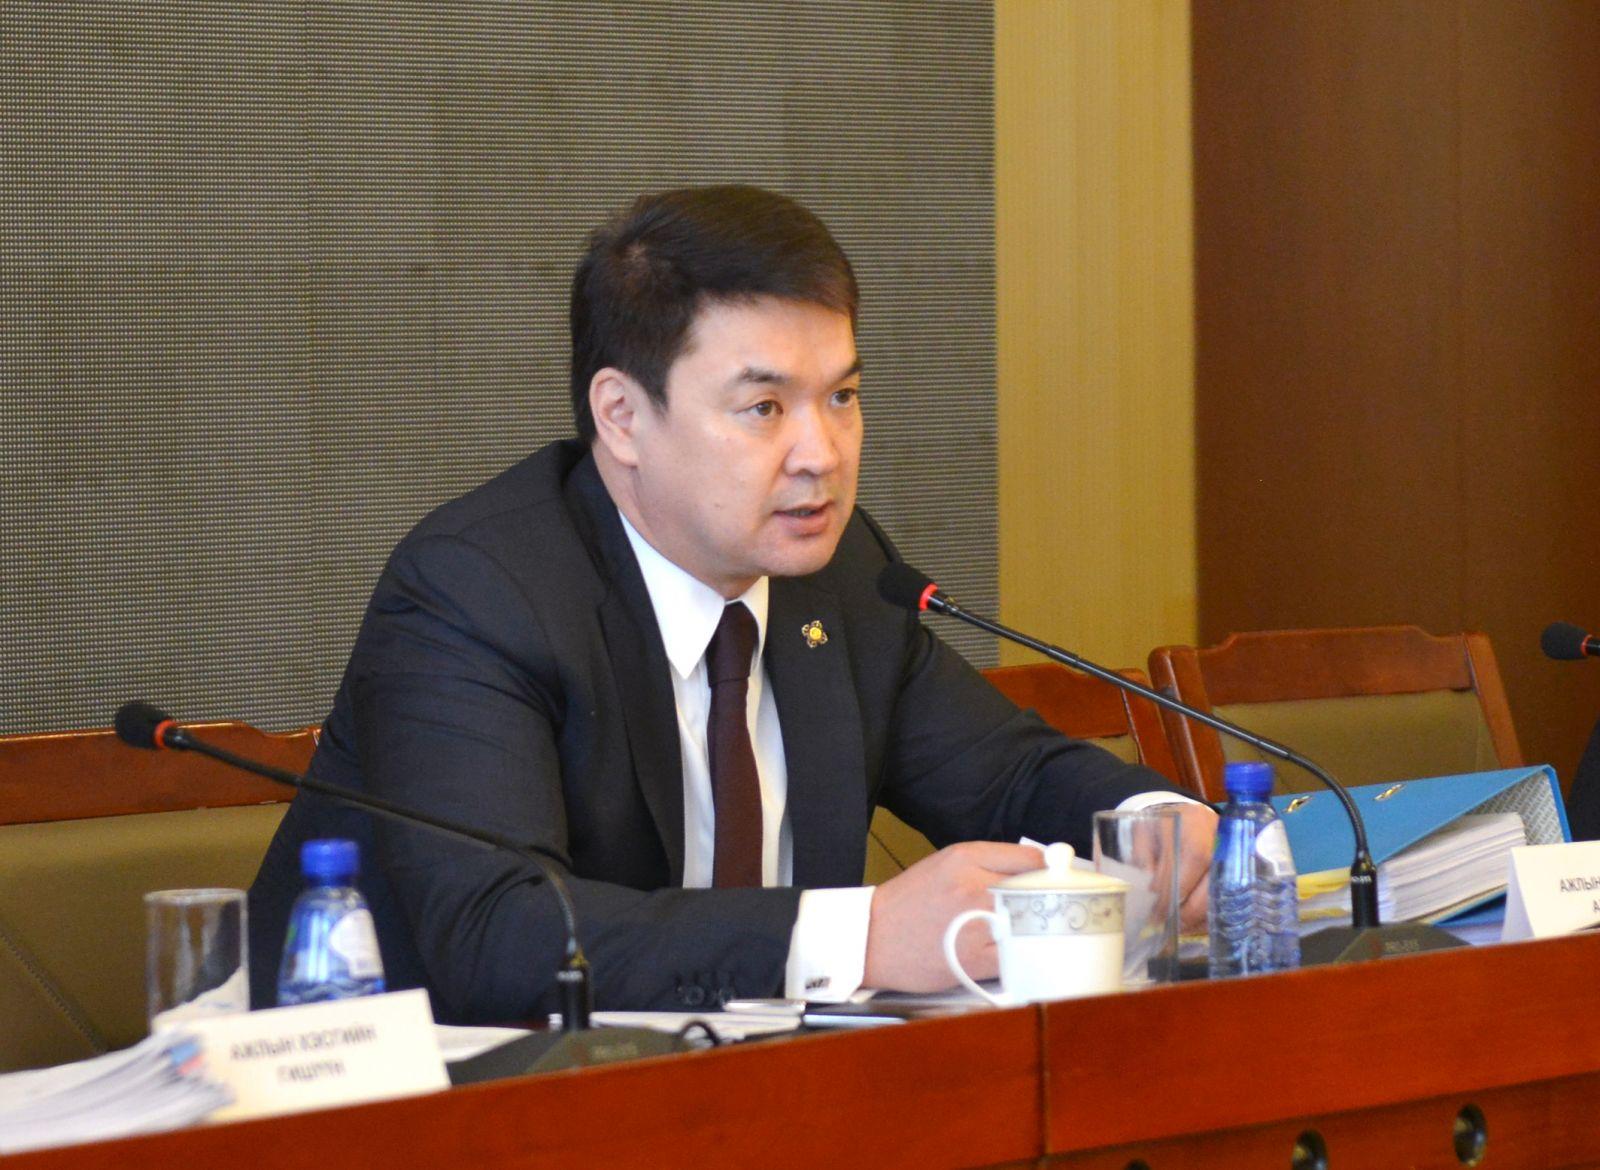 Ч.Сайханбилэгийг Монгол Улсын Ерөнхий сайдад нэр дэвшүүлэх талаар хэлэлцэж байна